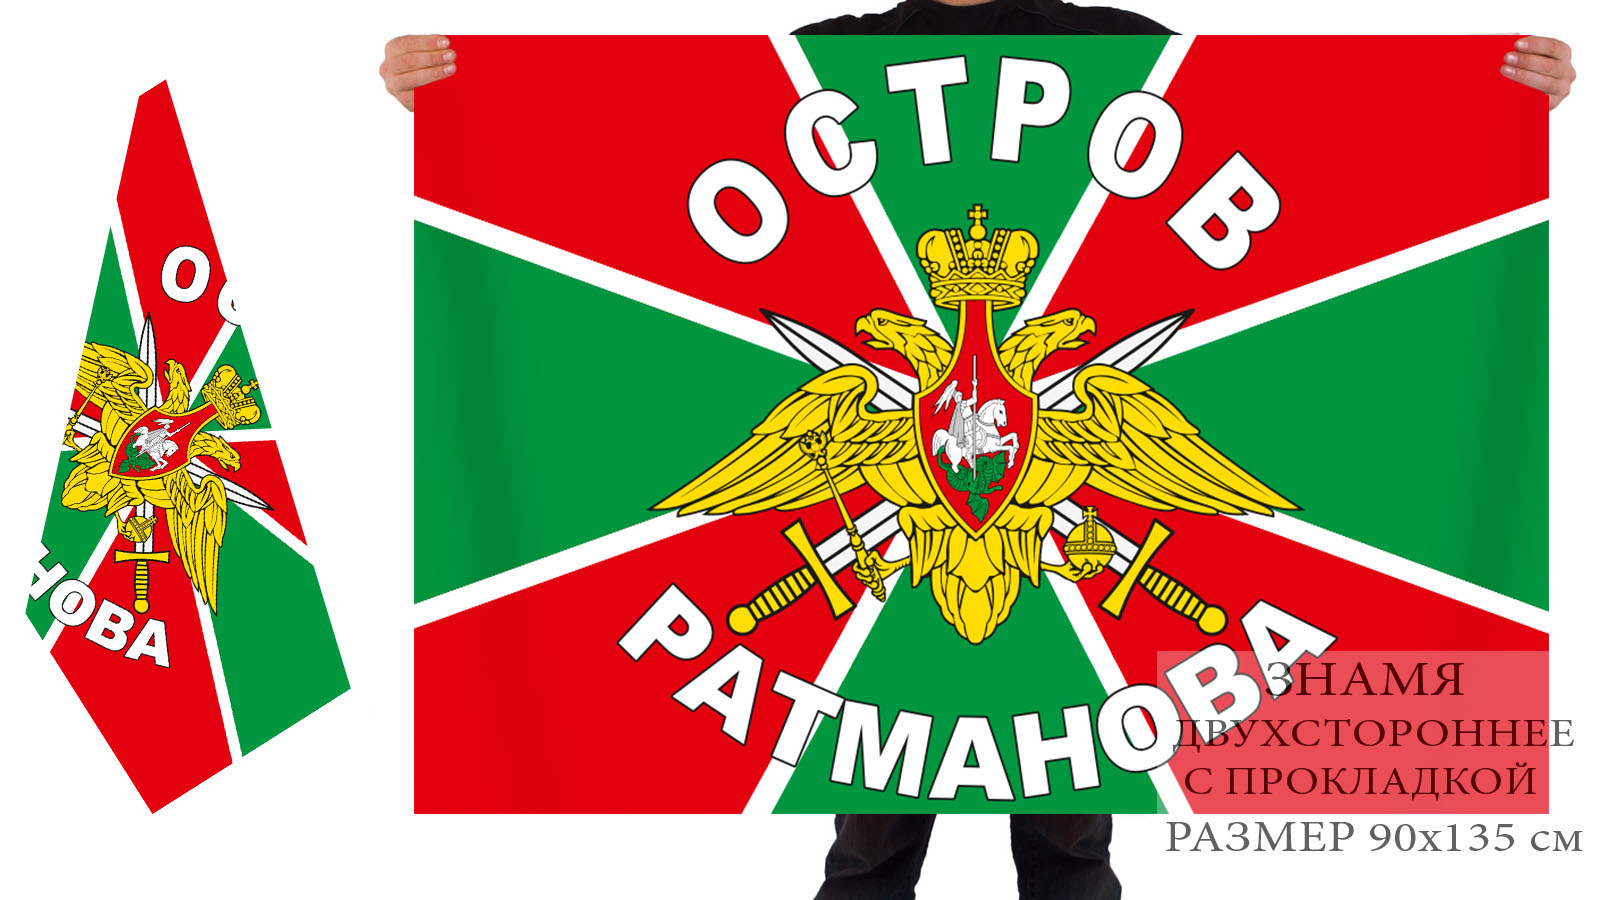 Заказать погран флаг остров Ратманова